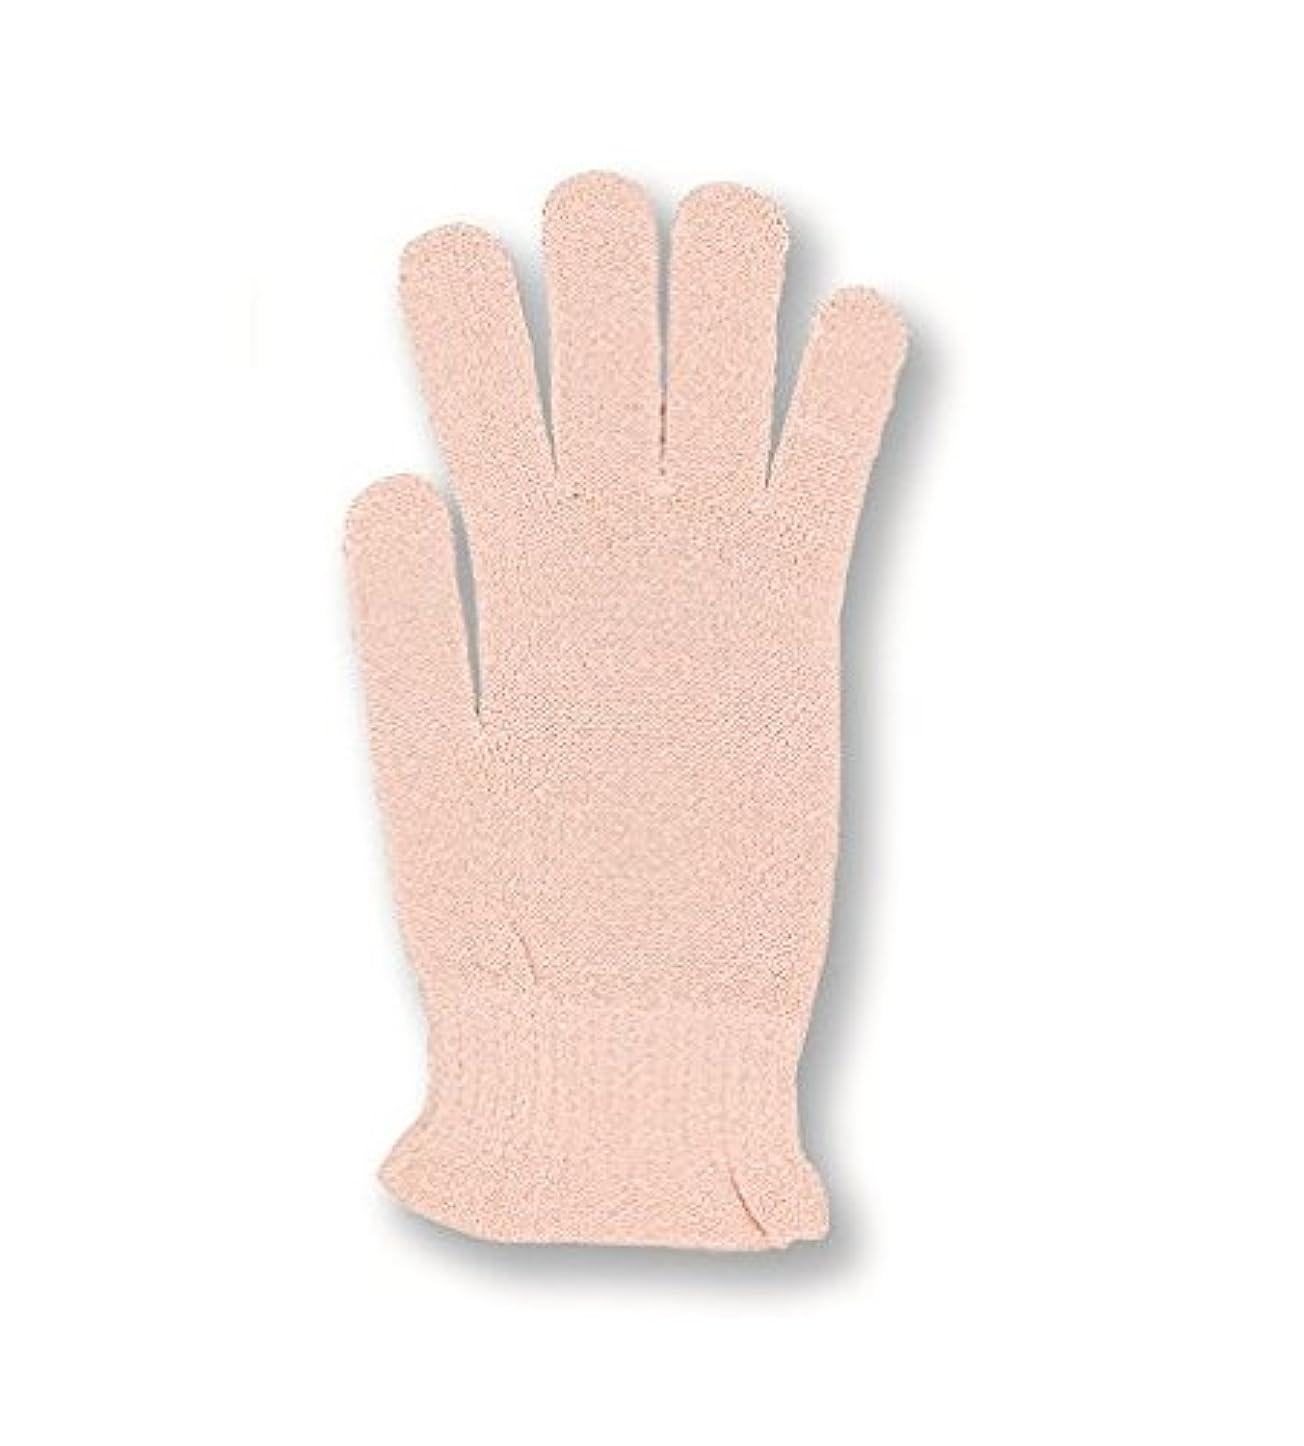 間違っているファイナンス規制するコクーンフィット シルク おやすみ手袋 ピーチ